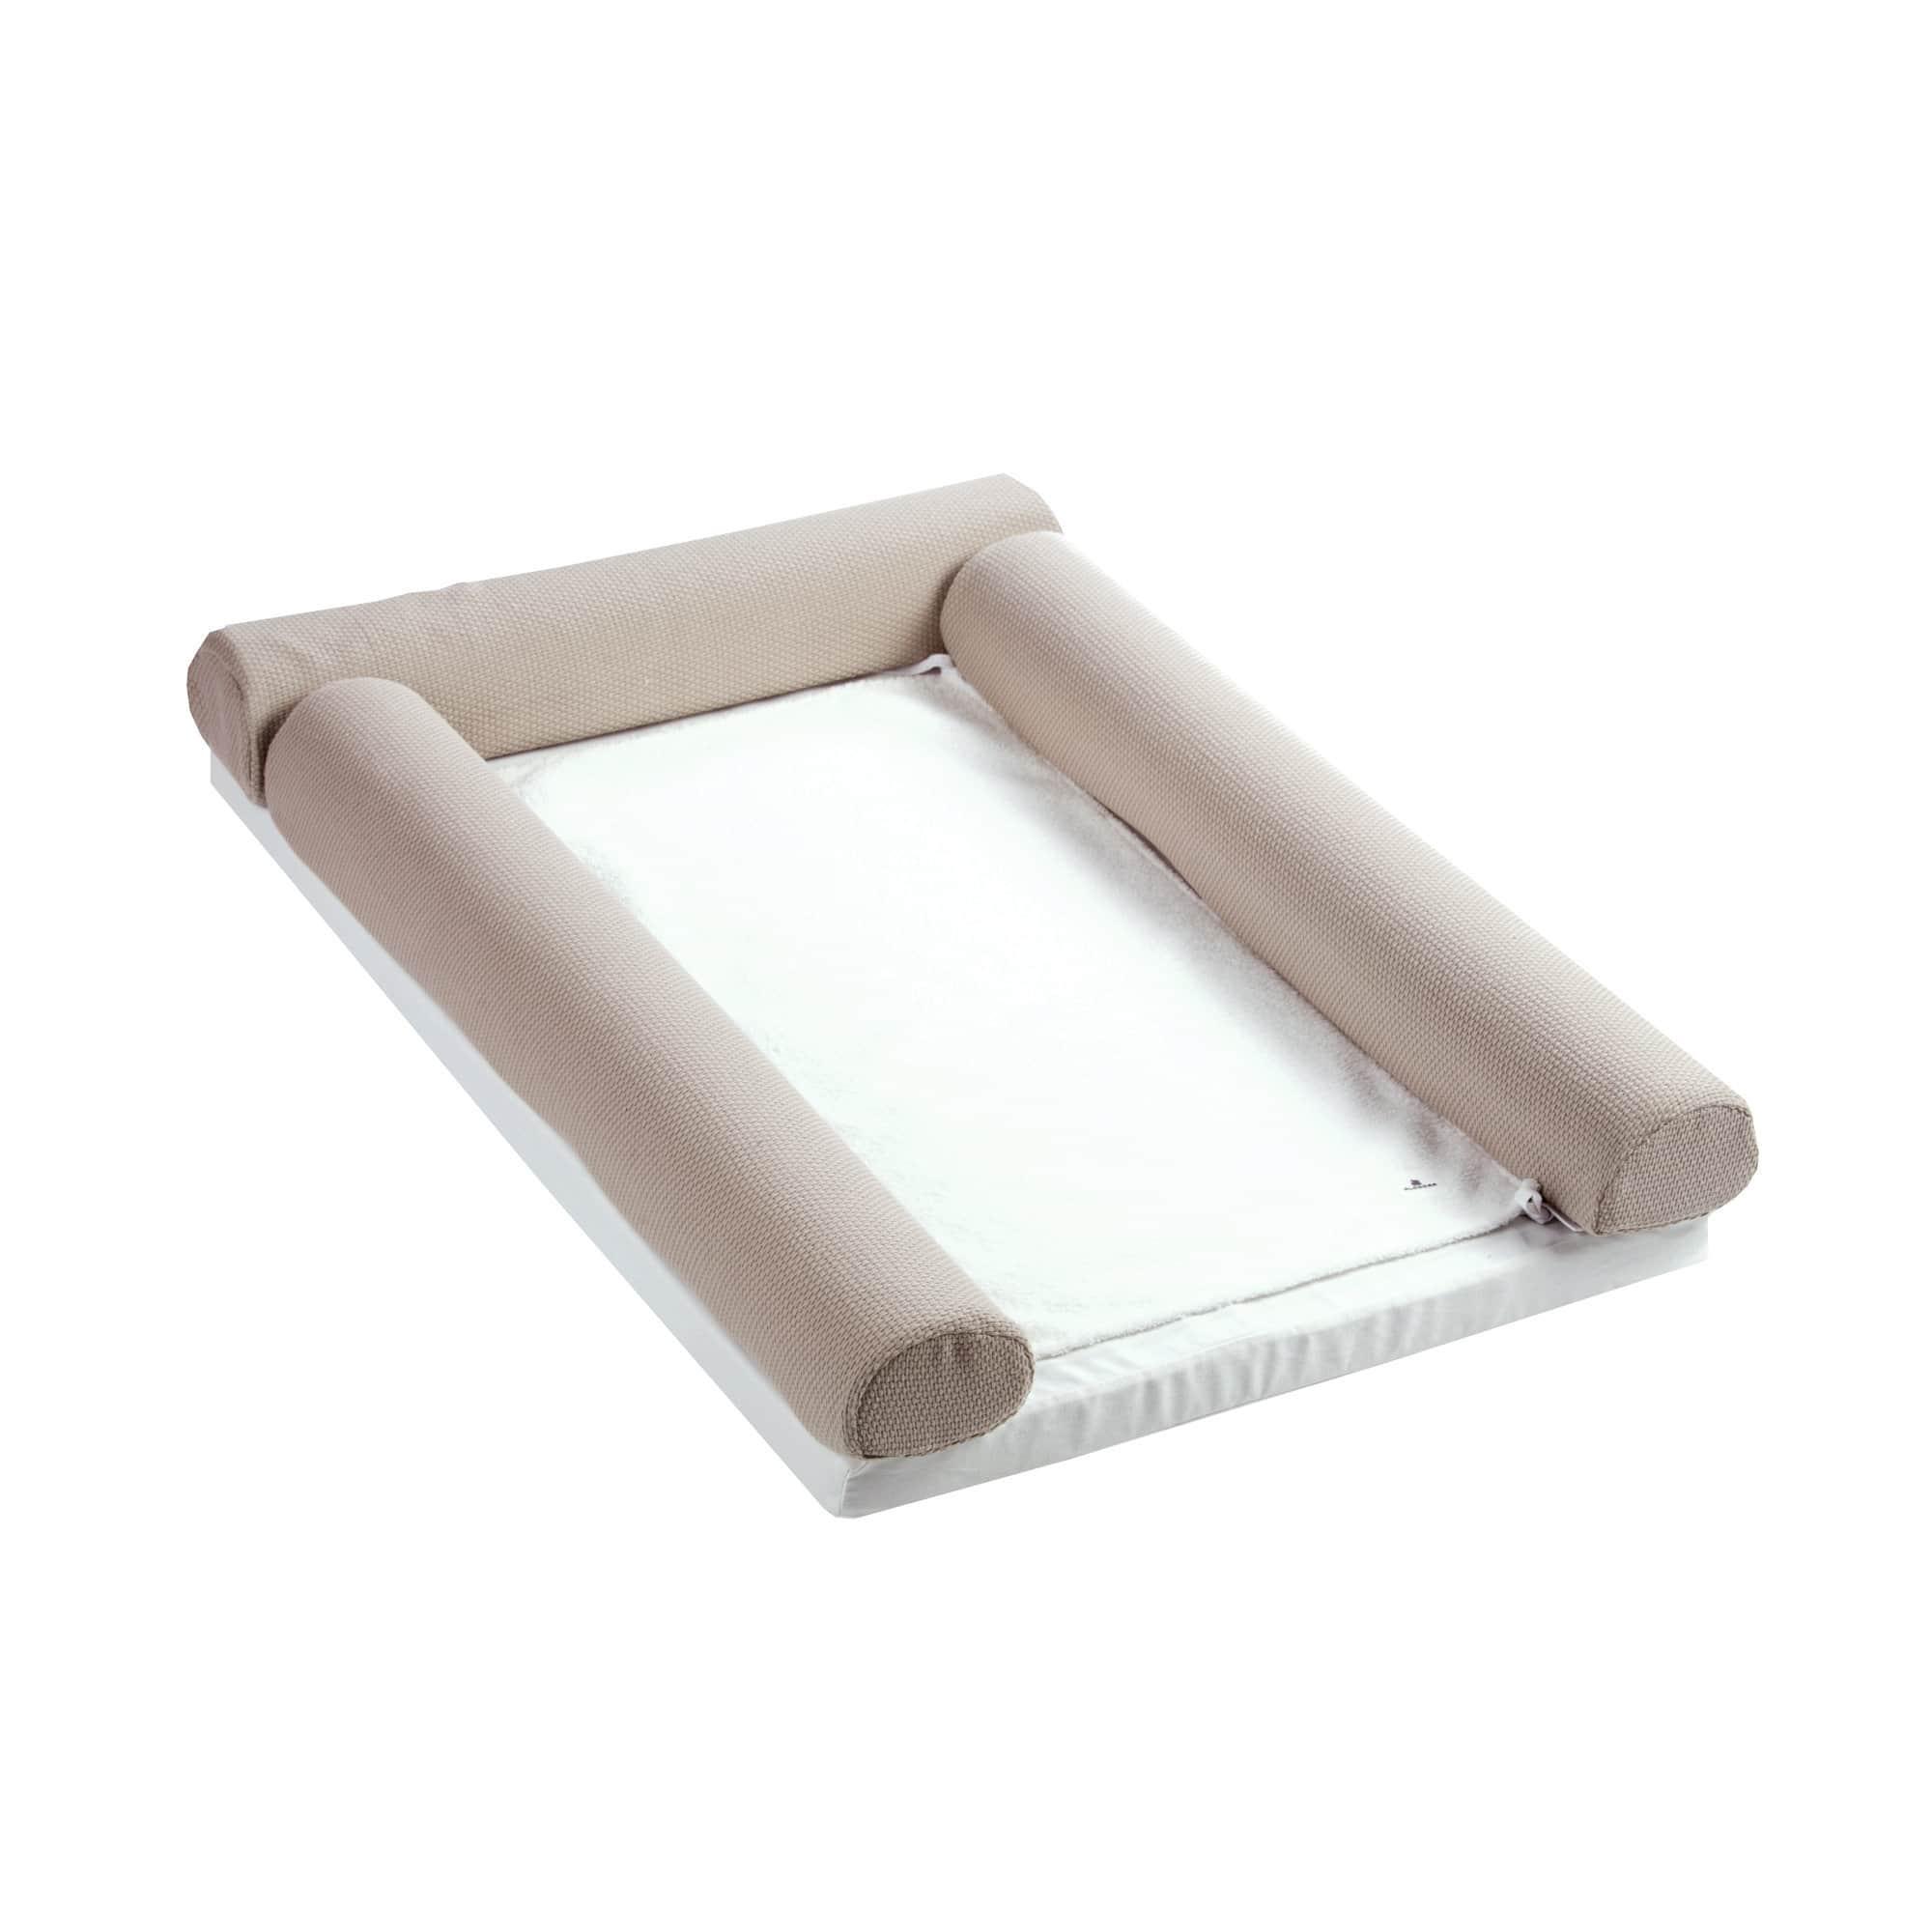 Cambiandor de cuna transformable en cama 70x140 cm Arena